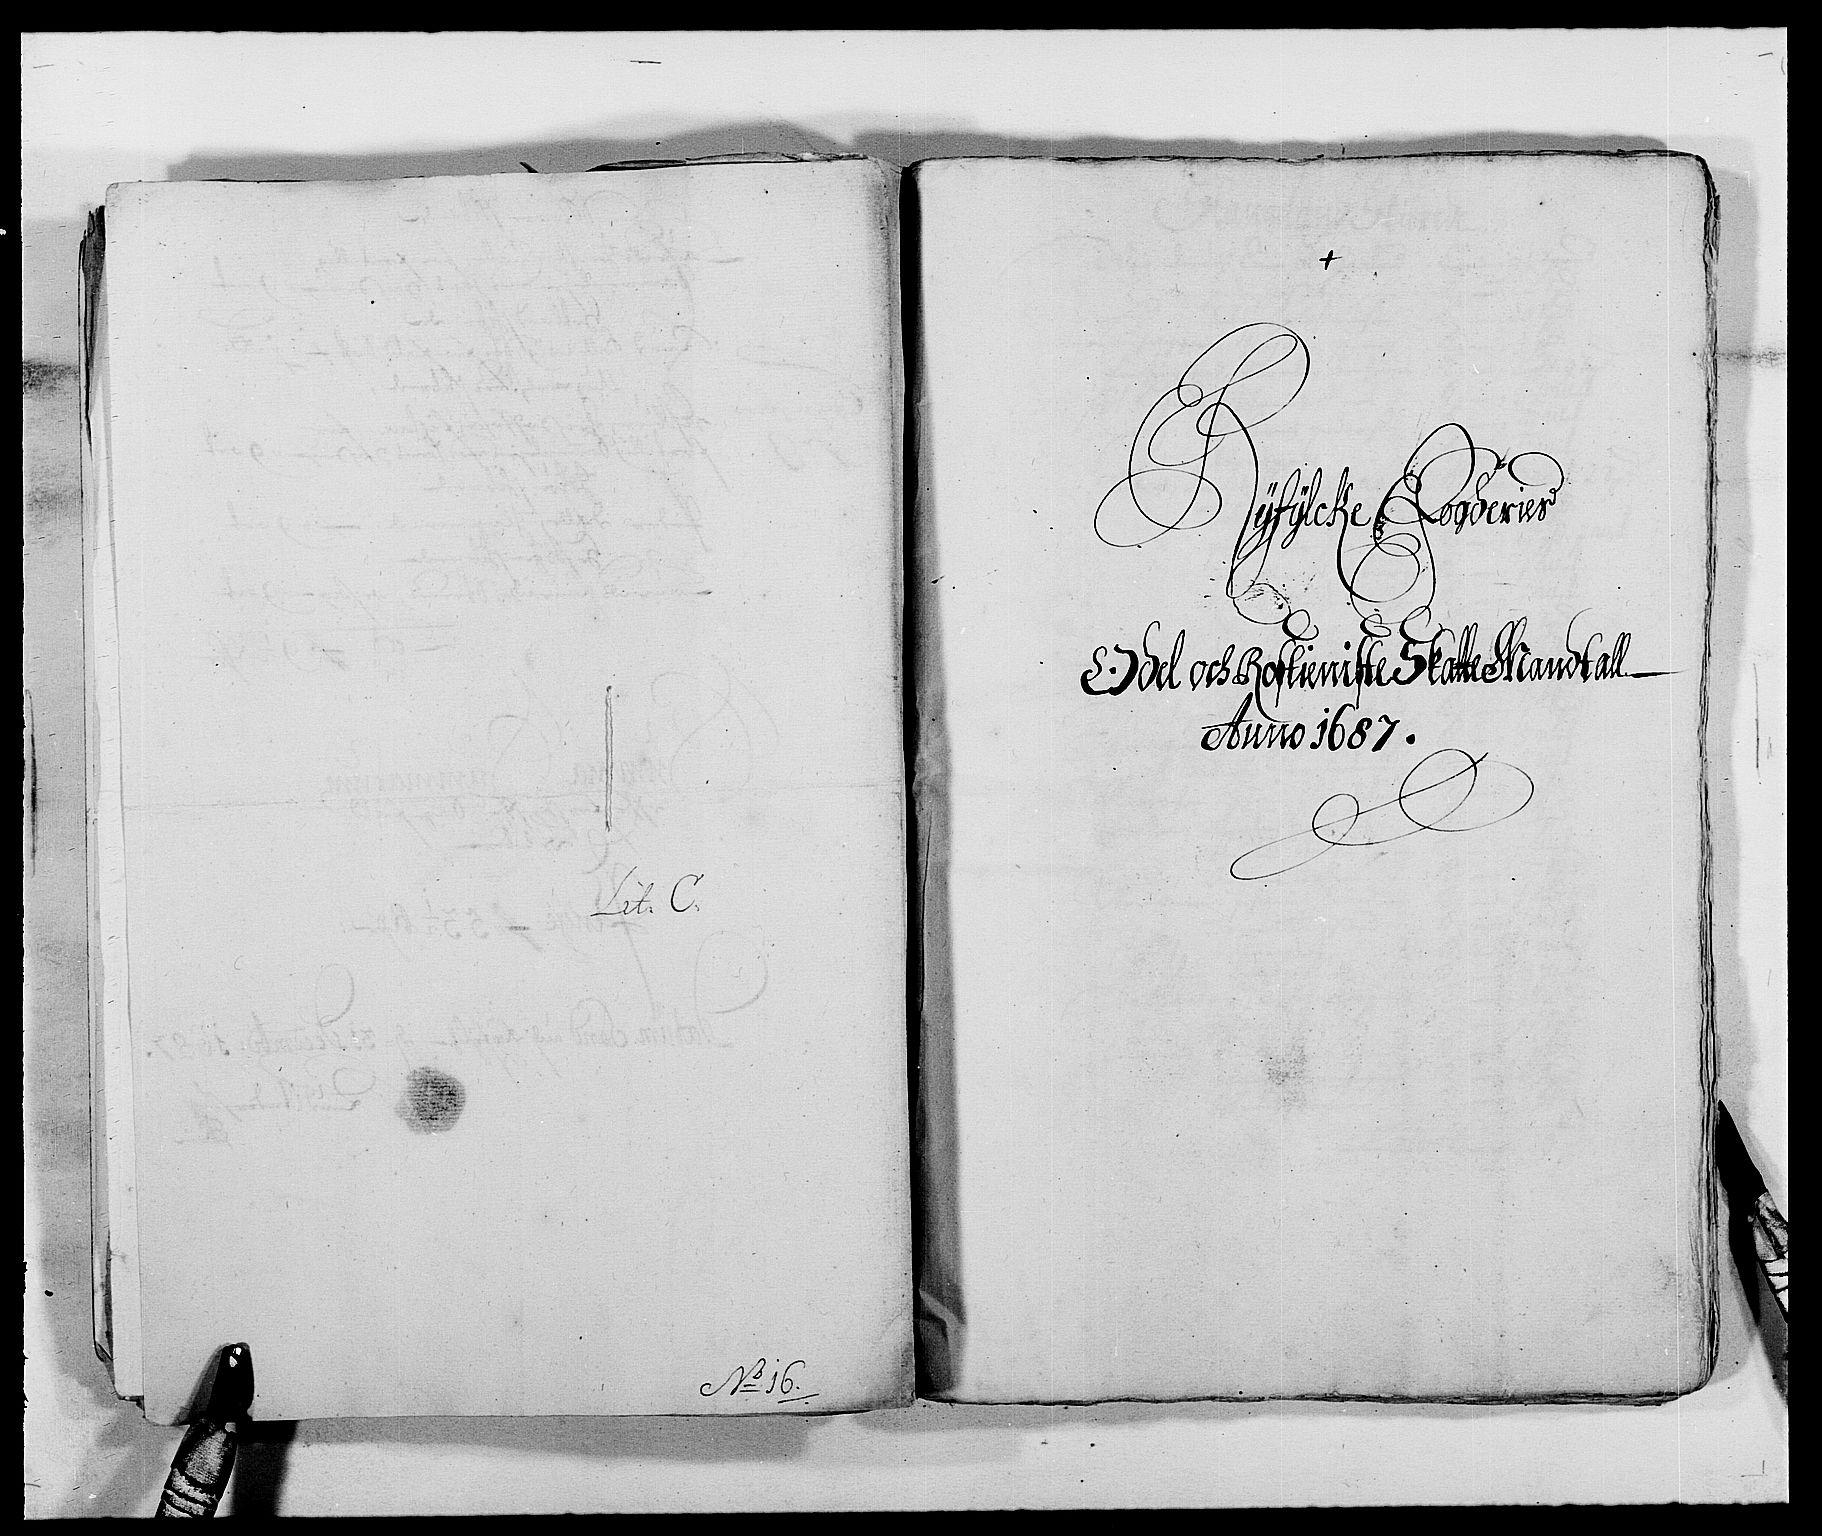 RA, Rentekammeret inntil 1814, Reviderte regnskaper, Fogderegnskap, R47/L2855: Fogderegnskap Ryfylke, 1685-1688, s. 242